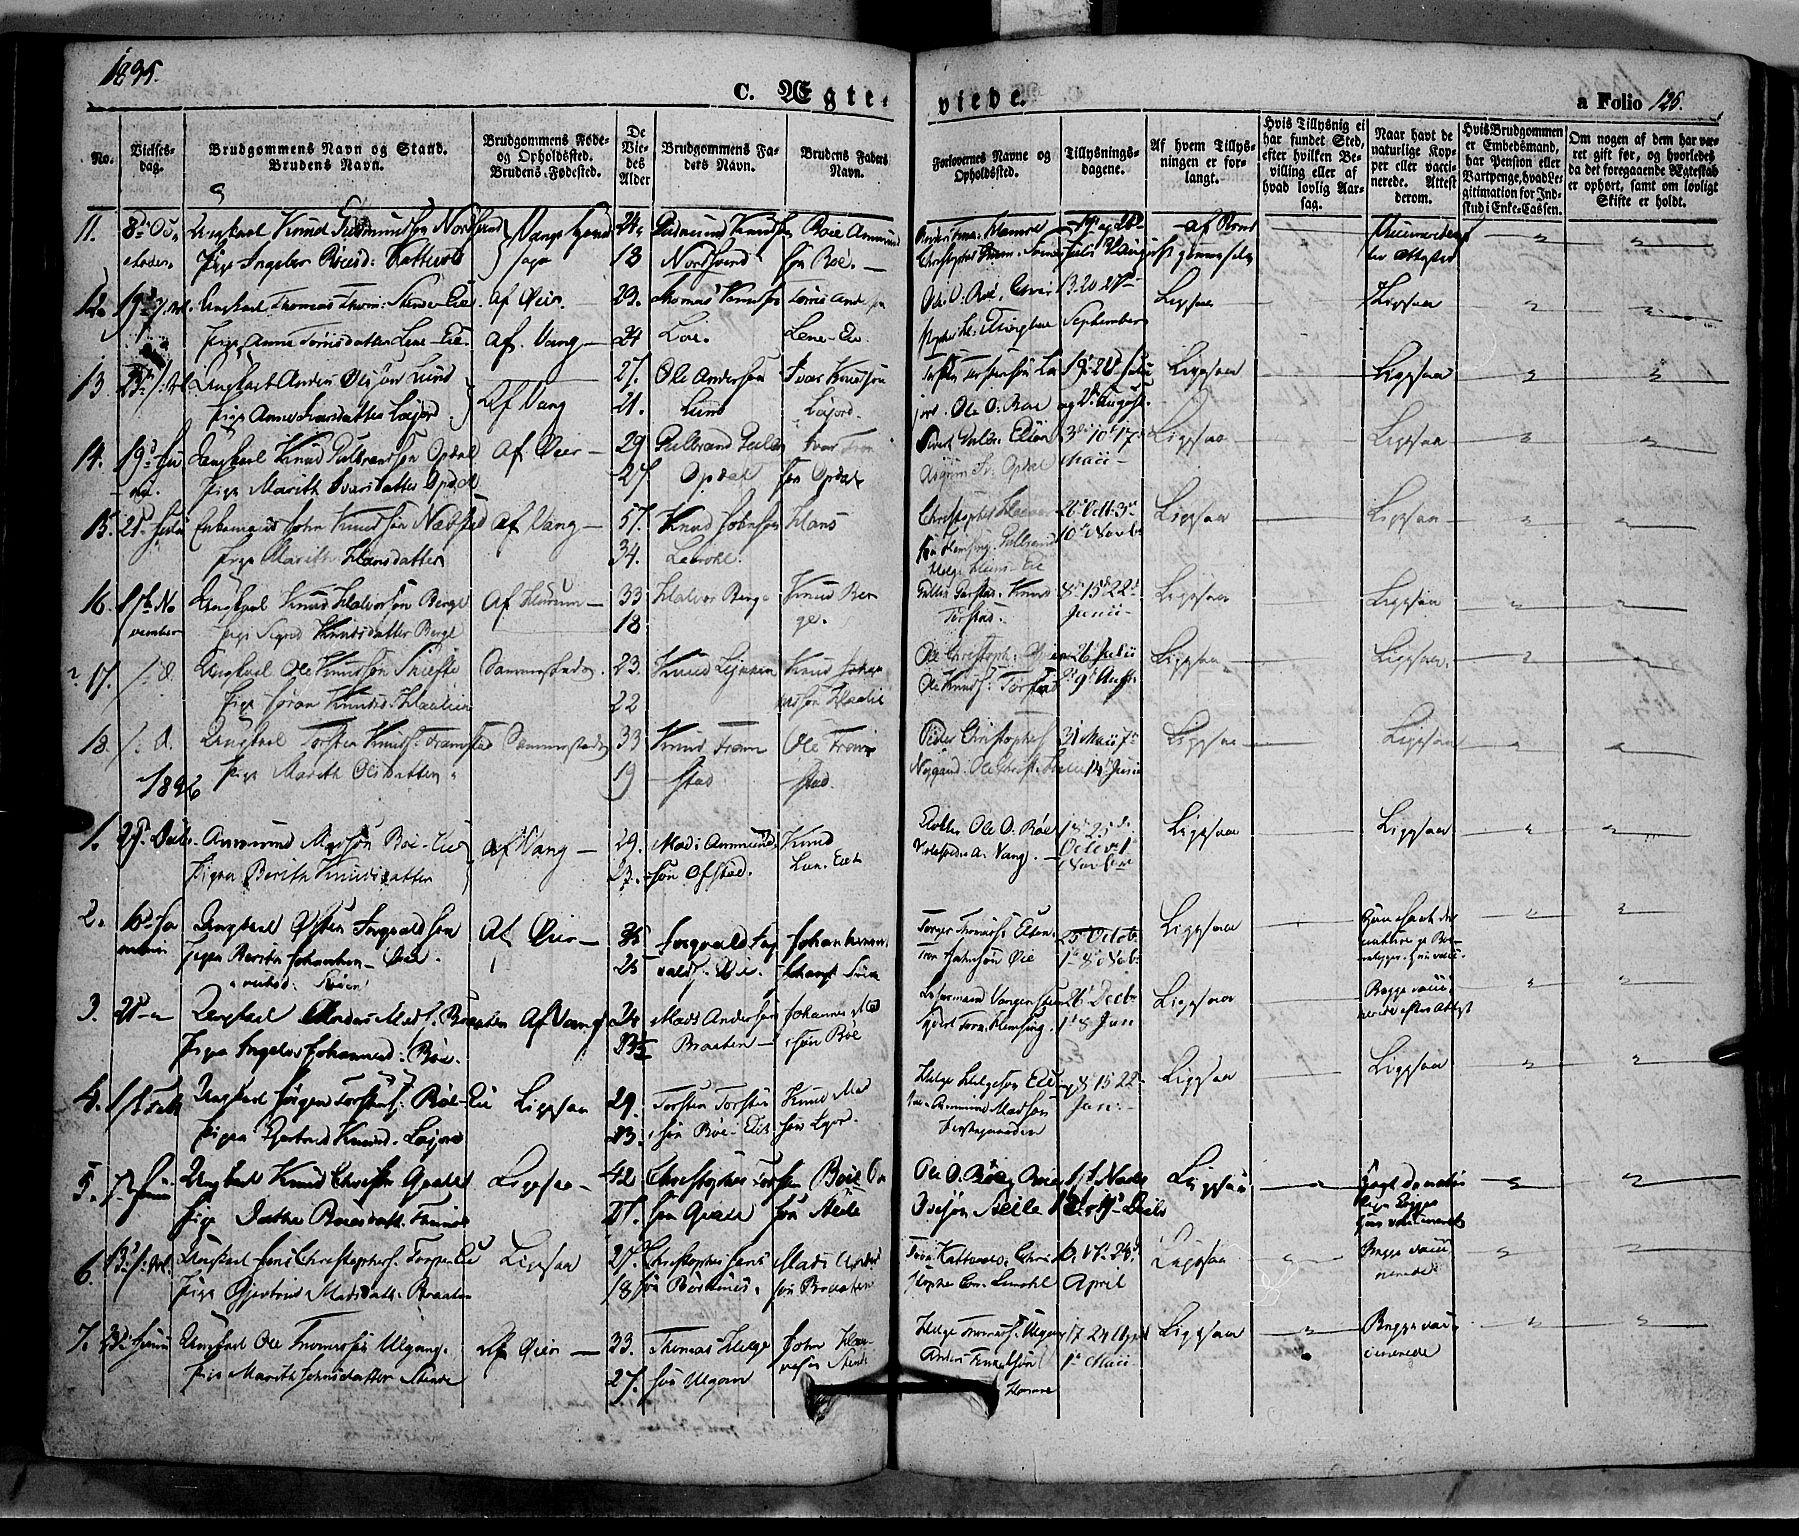 SAH, Vang prestekontor, Valdres, Ministerialbok nr. 5, 1831-1845, s. 125